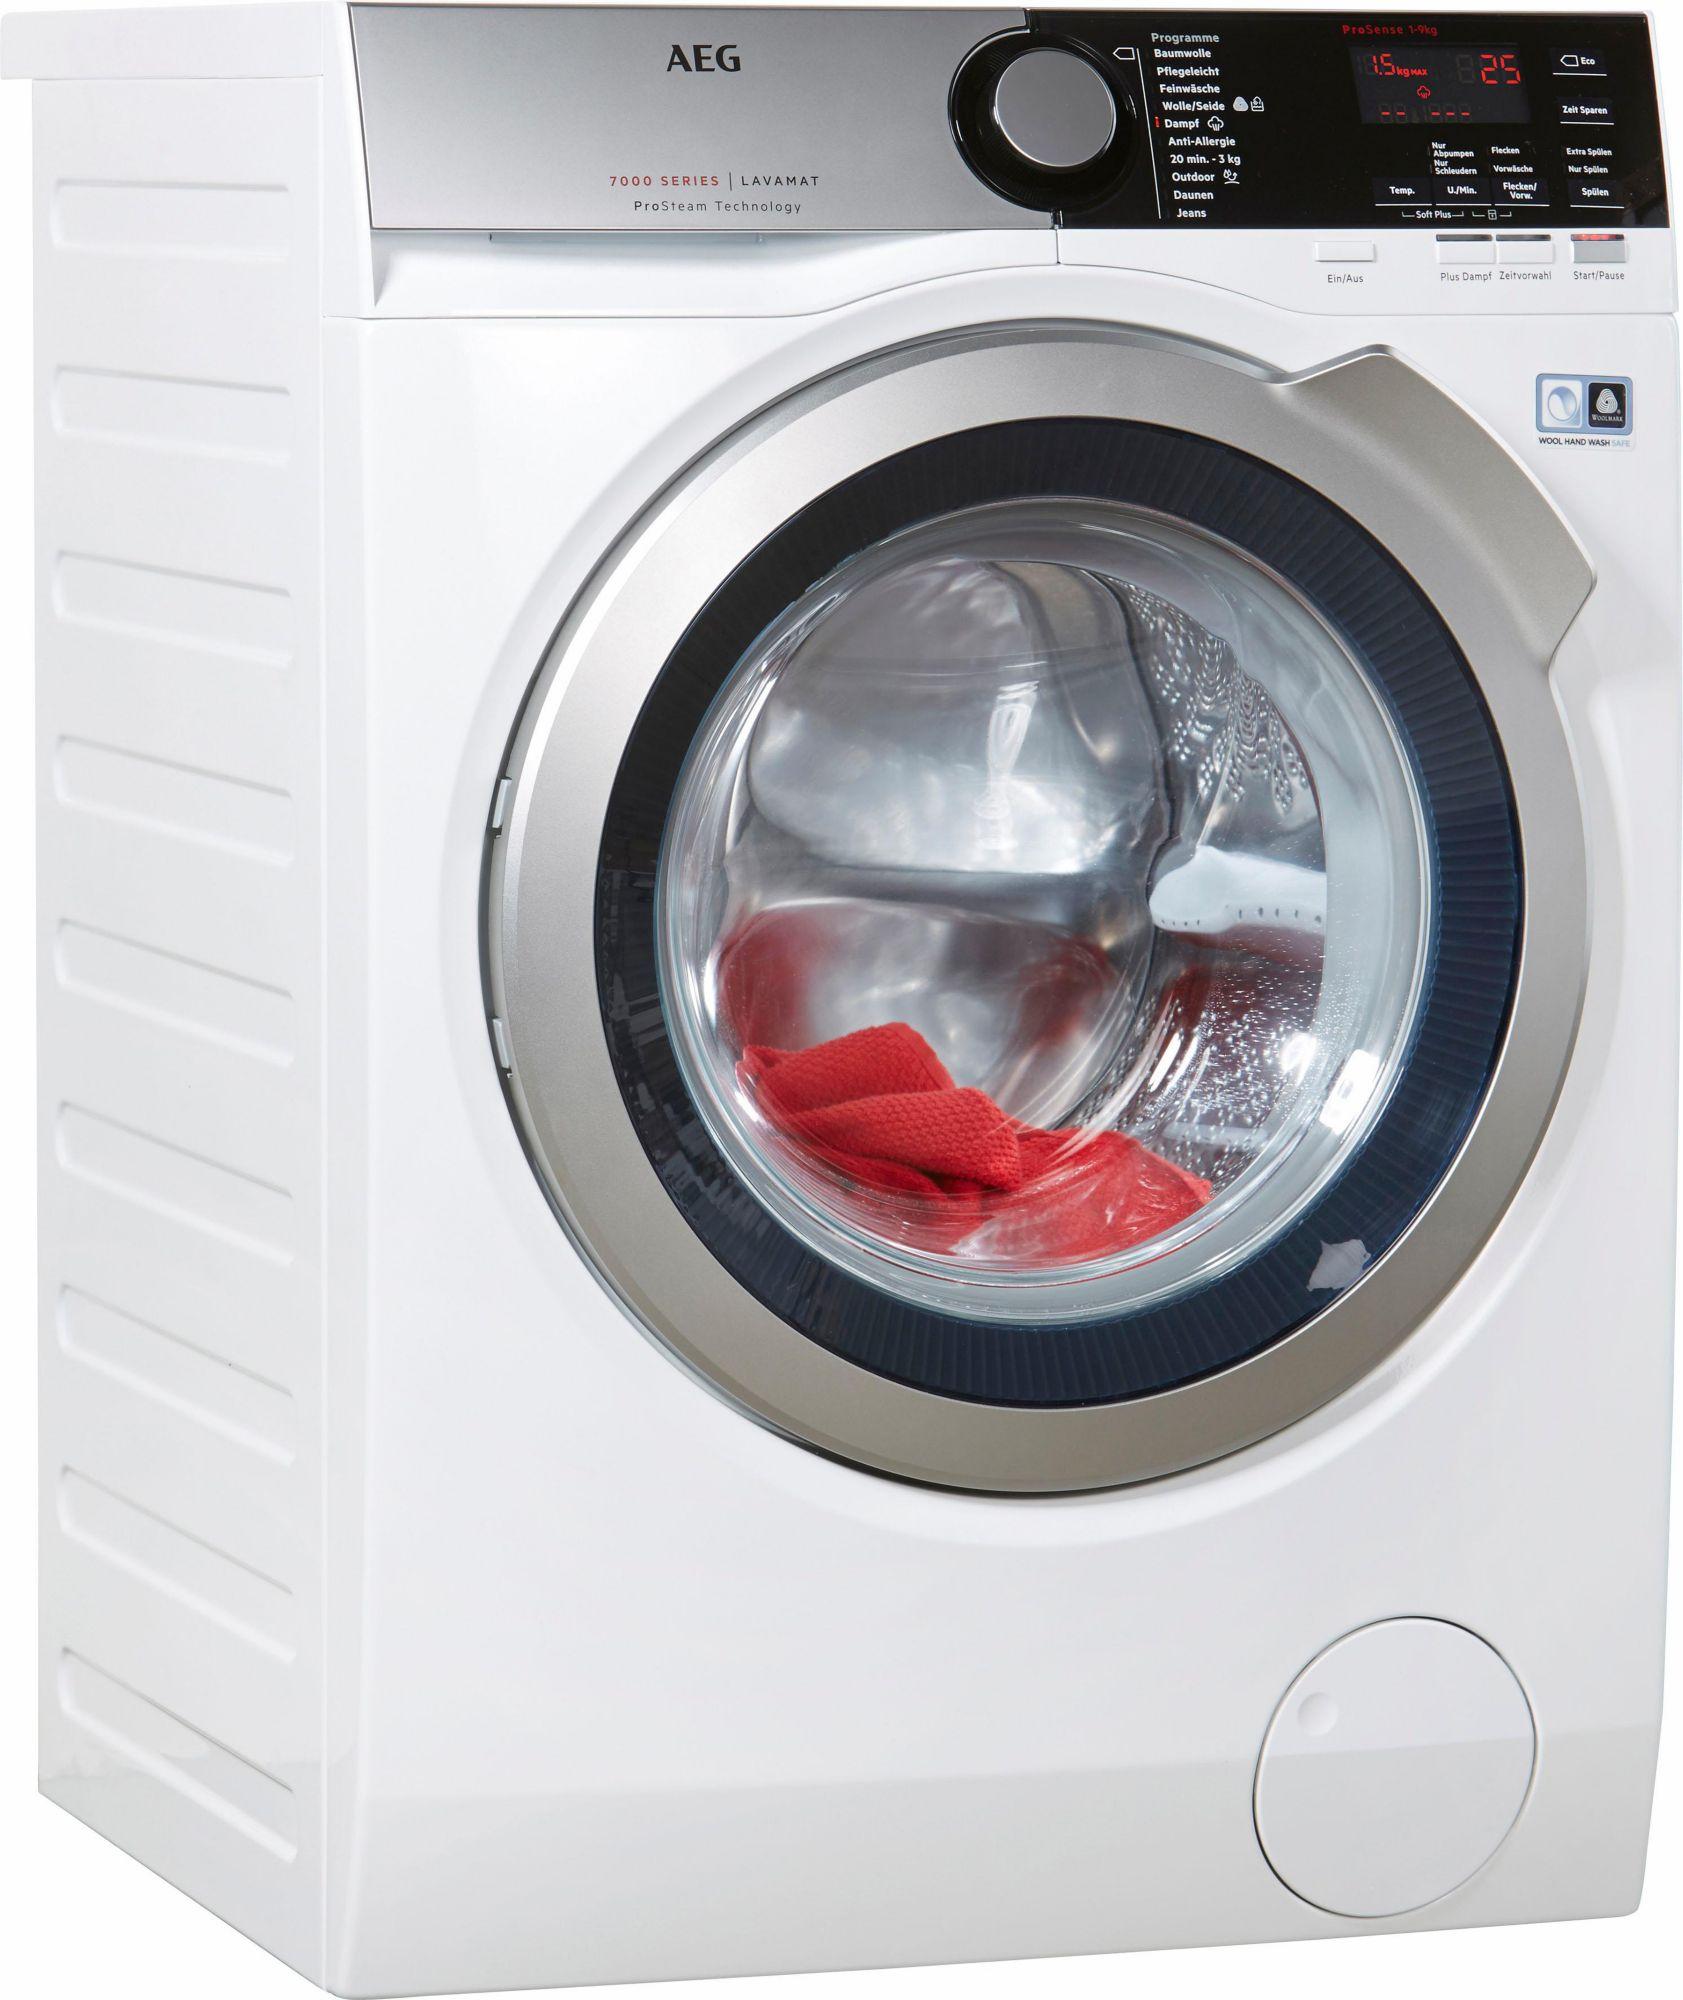 AEG ELECTROLUX AEG LAVAMAT L7FE76695 Waschmaschine (EEK: A+++)